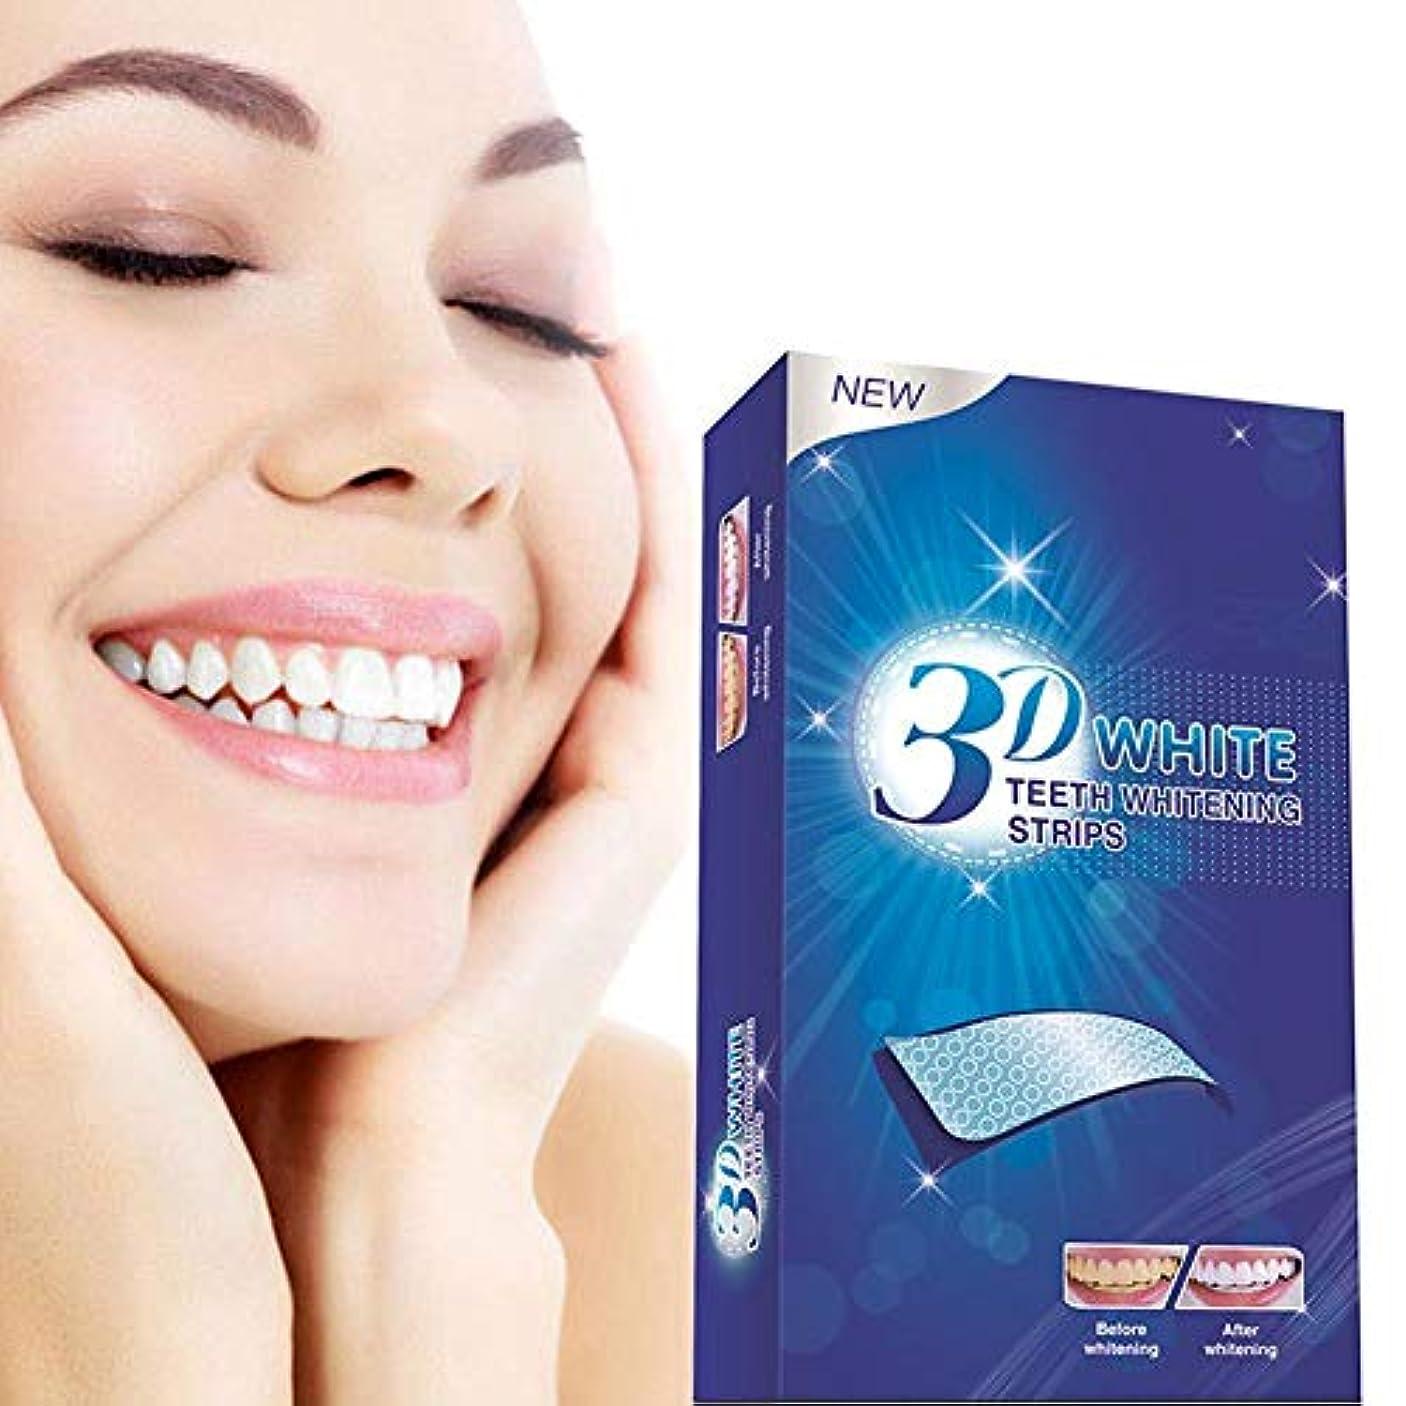 団結のため思春期歯 マニキュア ホワイトニング 歯を漂白 ホワイトニングテープ 歯美白ホワイトニング 歯ケア テープ 歯ケア 歯のホワイトニング 美白歯磨き (14枚)